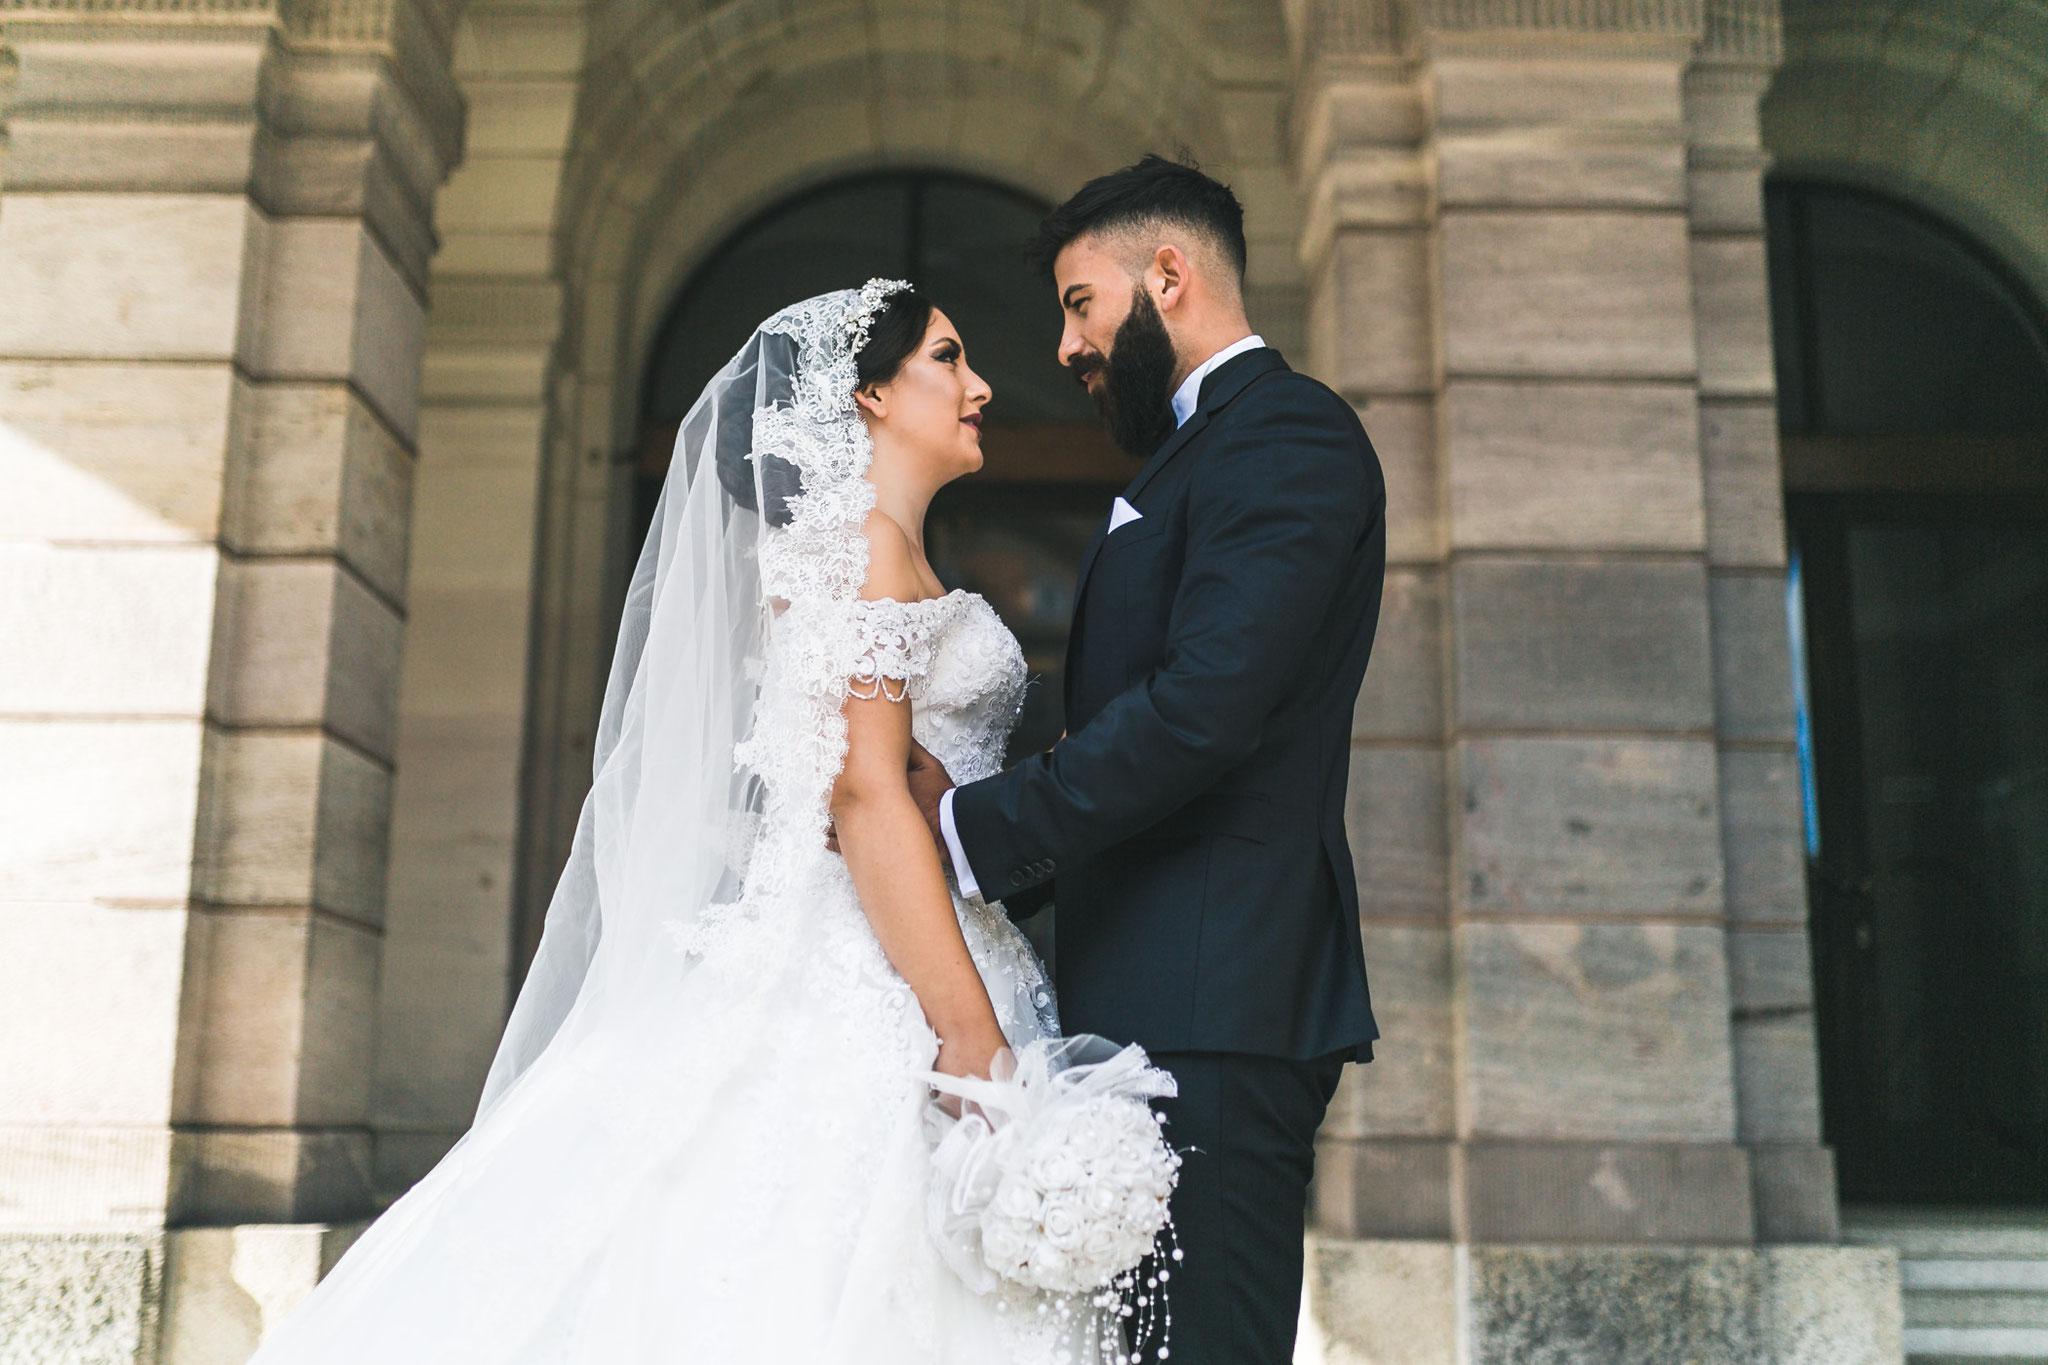 Hochzeitsfotograf Nürnberg Betül und Levent